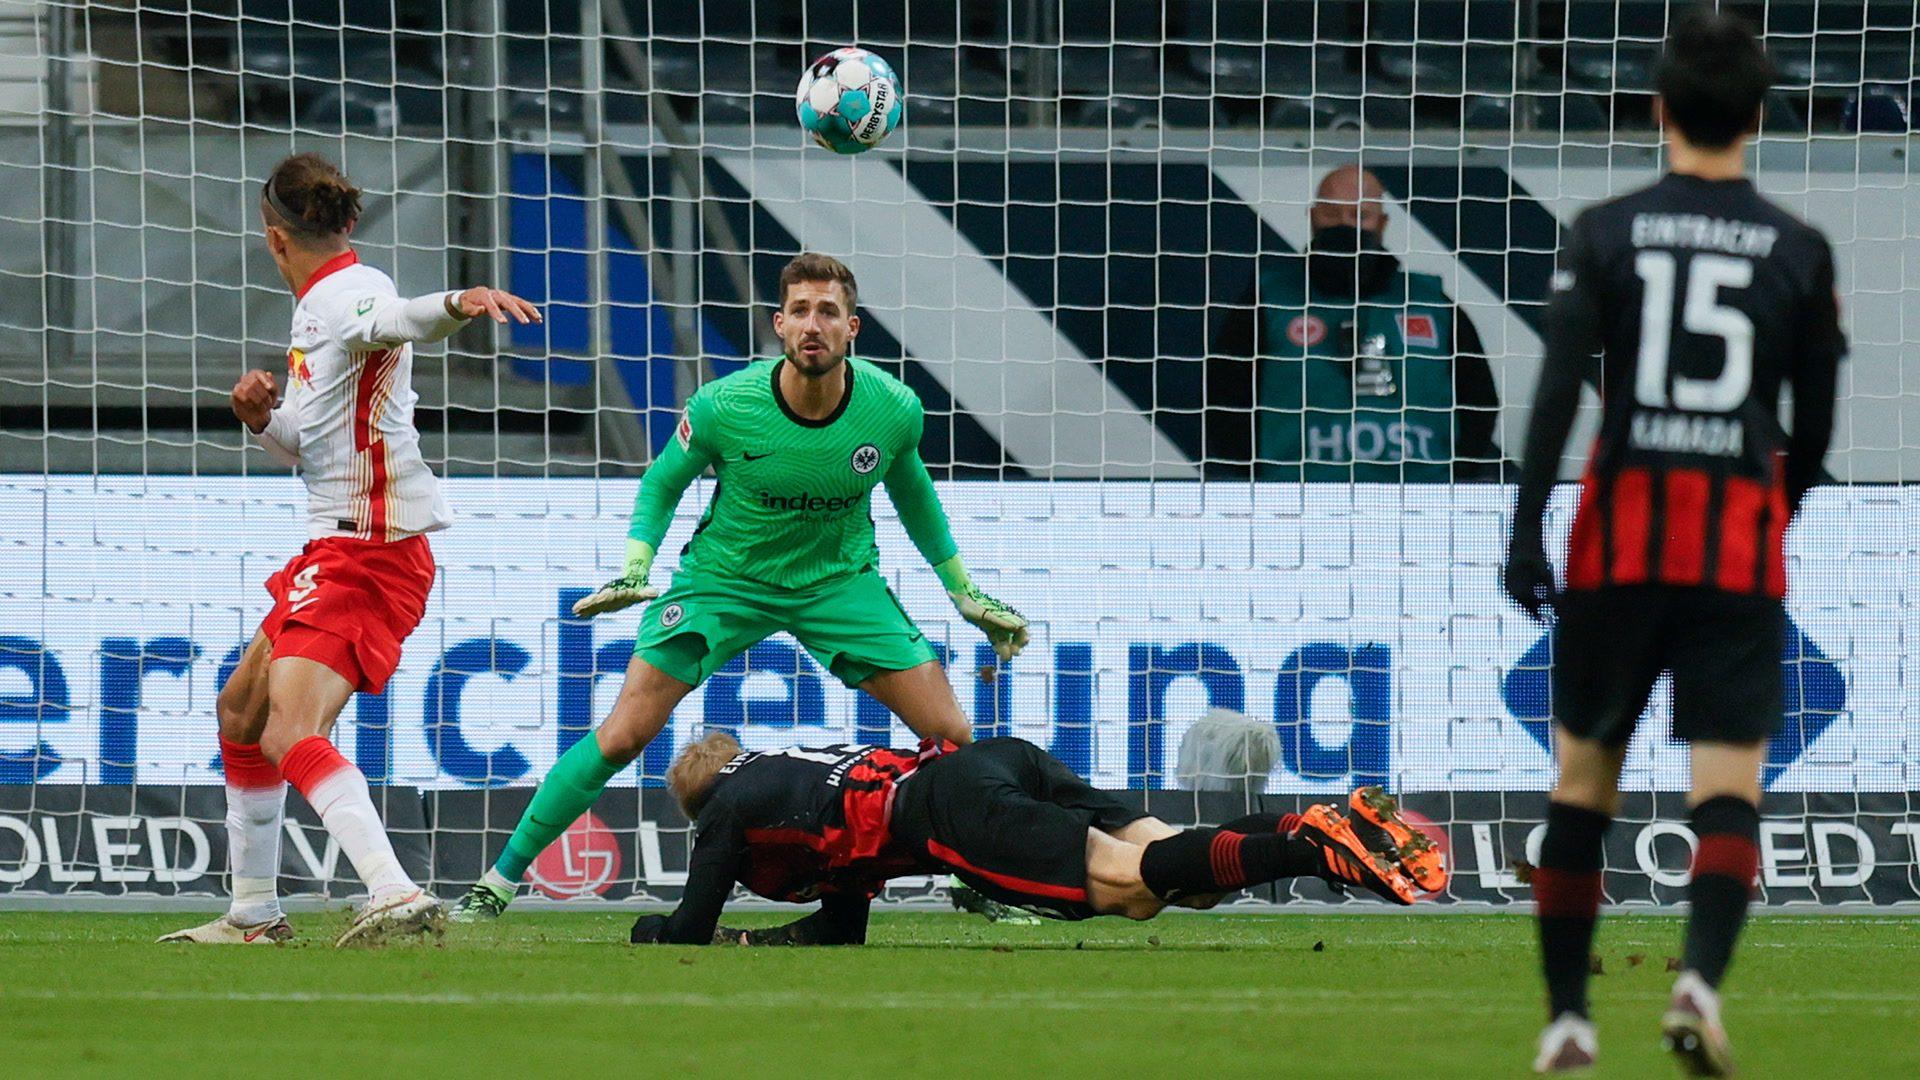 Intensives 1:1 zwischen Frankfurt und Leipzig